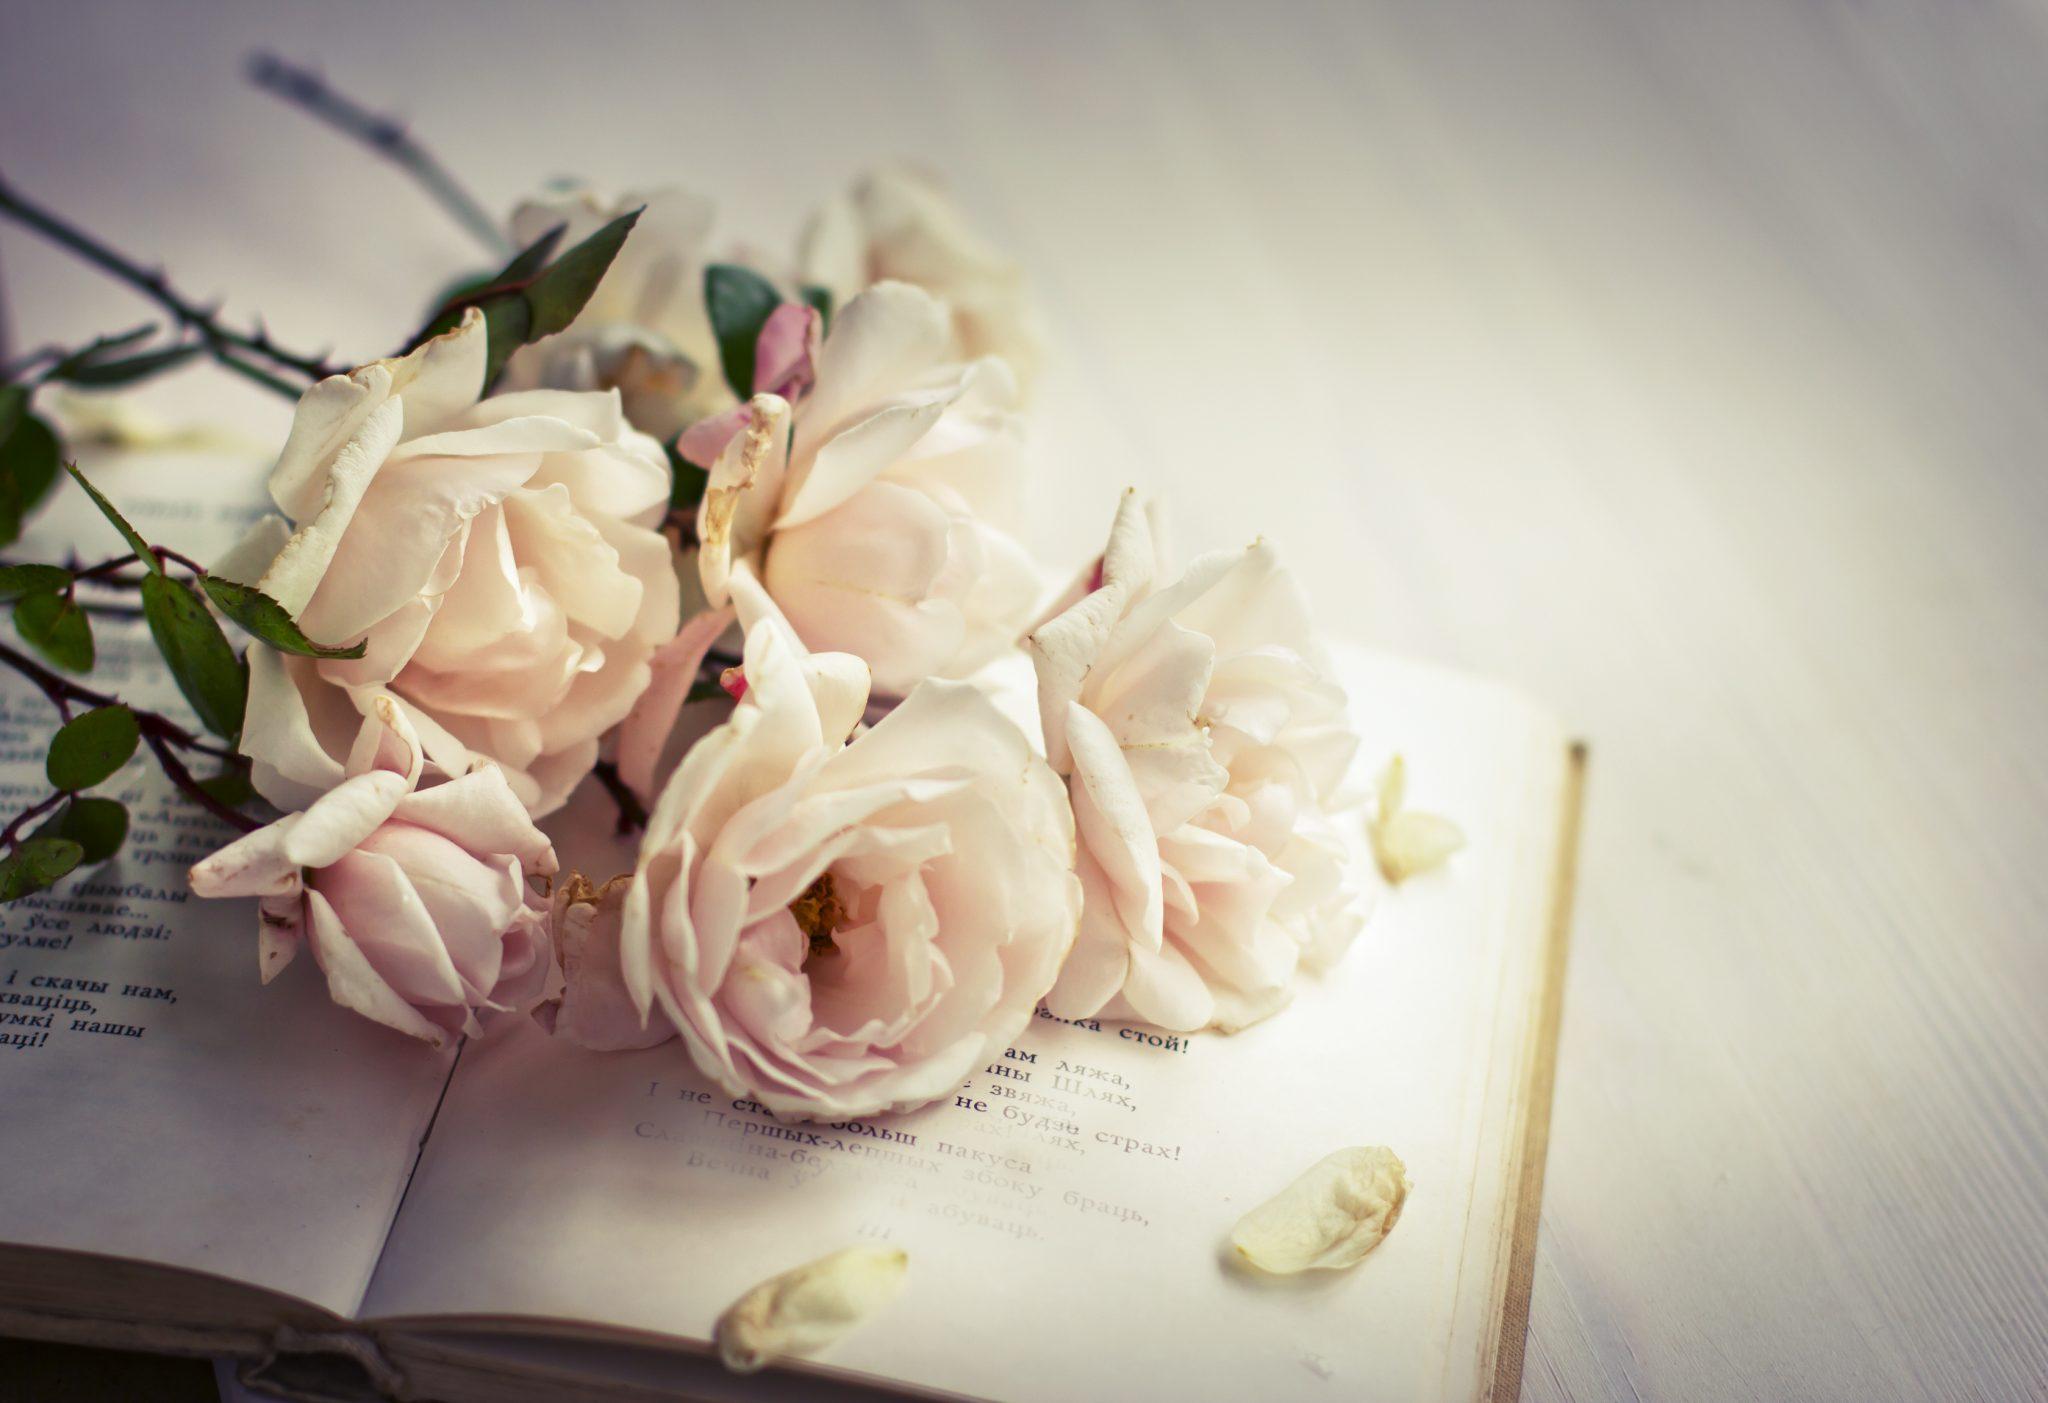 Sách là món quà thể hiện sự tinh tế dành tặng bạn gái